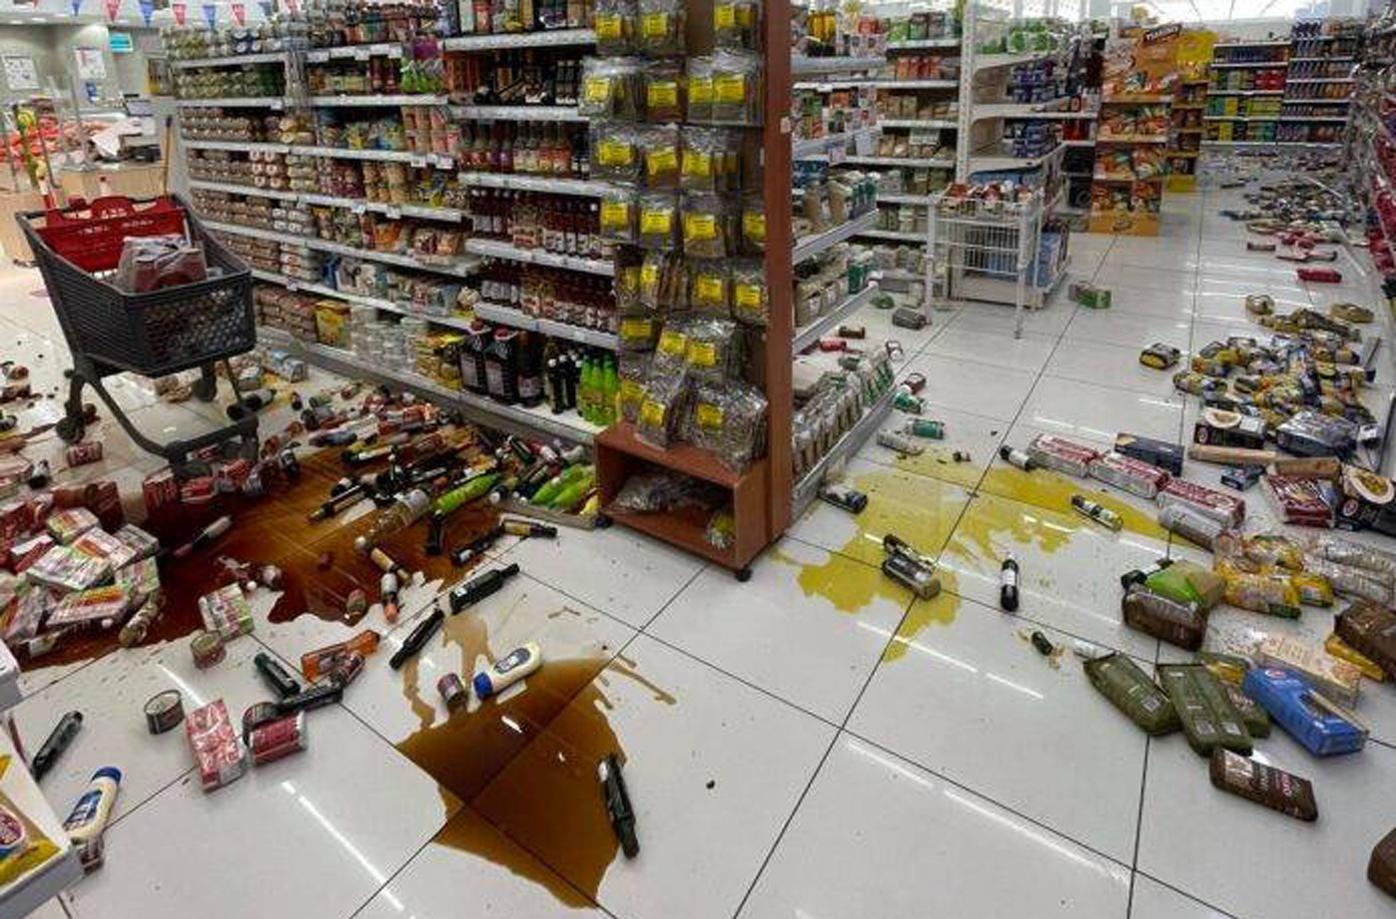 Σεισμός στην Κρήτη: «Ρουφήχτηκε η θάλασσα πριν χτυπήσει ο Εγκέλαδος» – Απίστευτη μαρτυρία